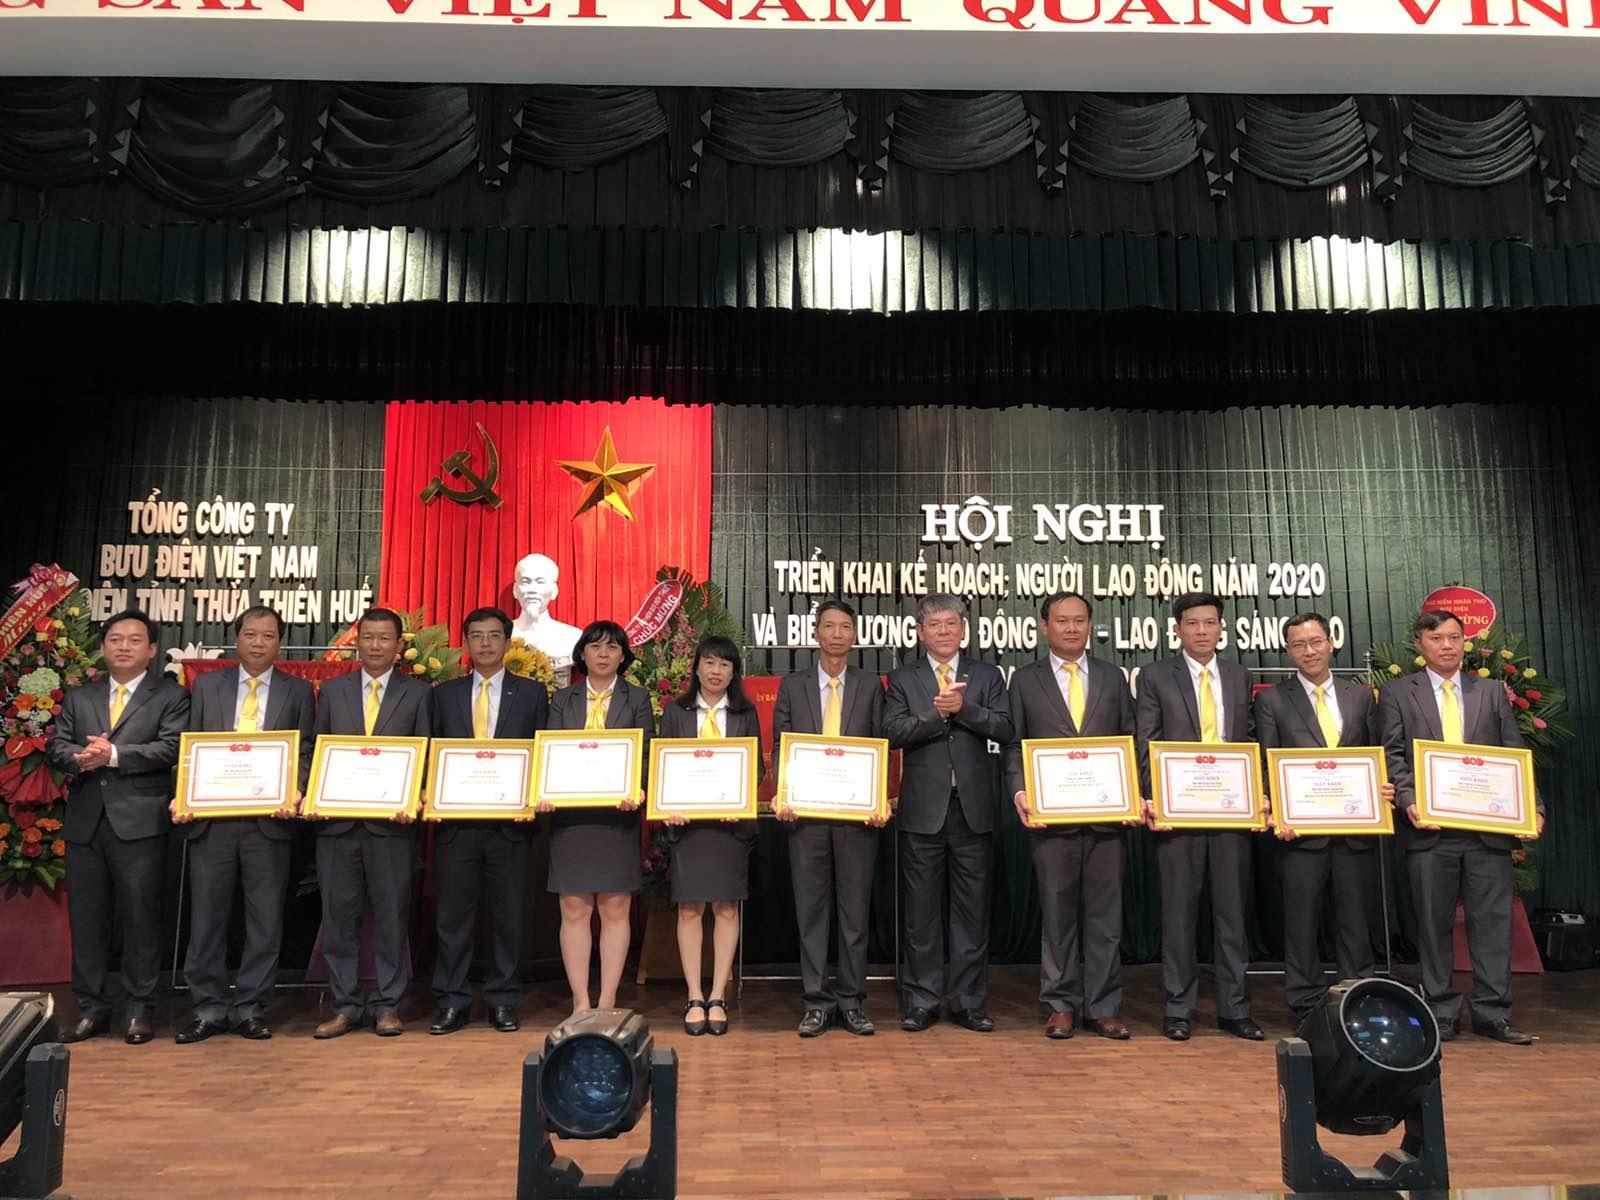 Đại diện 10 đơn vị trực thuộc Bưu điện tỉnh nhận Giấy khen của Tổng công ty Bưu điện Việt Nam về thành tích toàn diện năm 2019